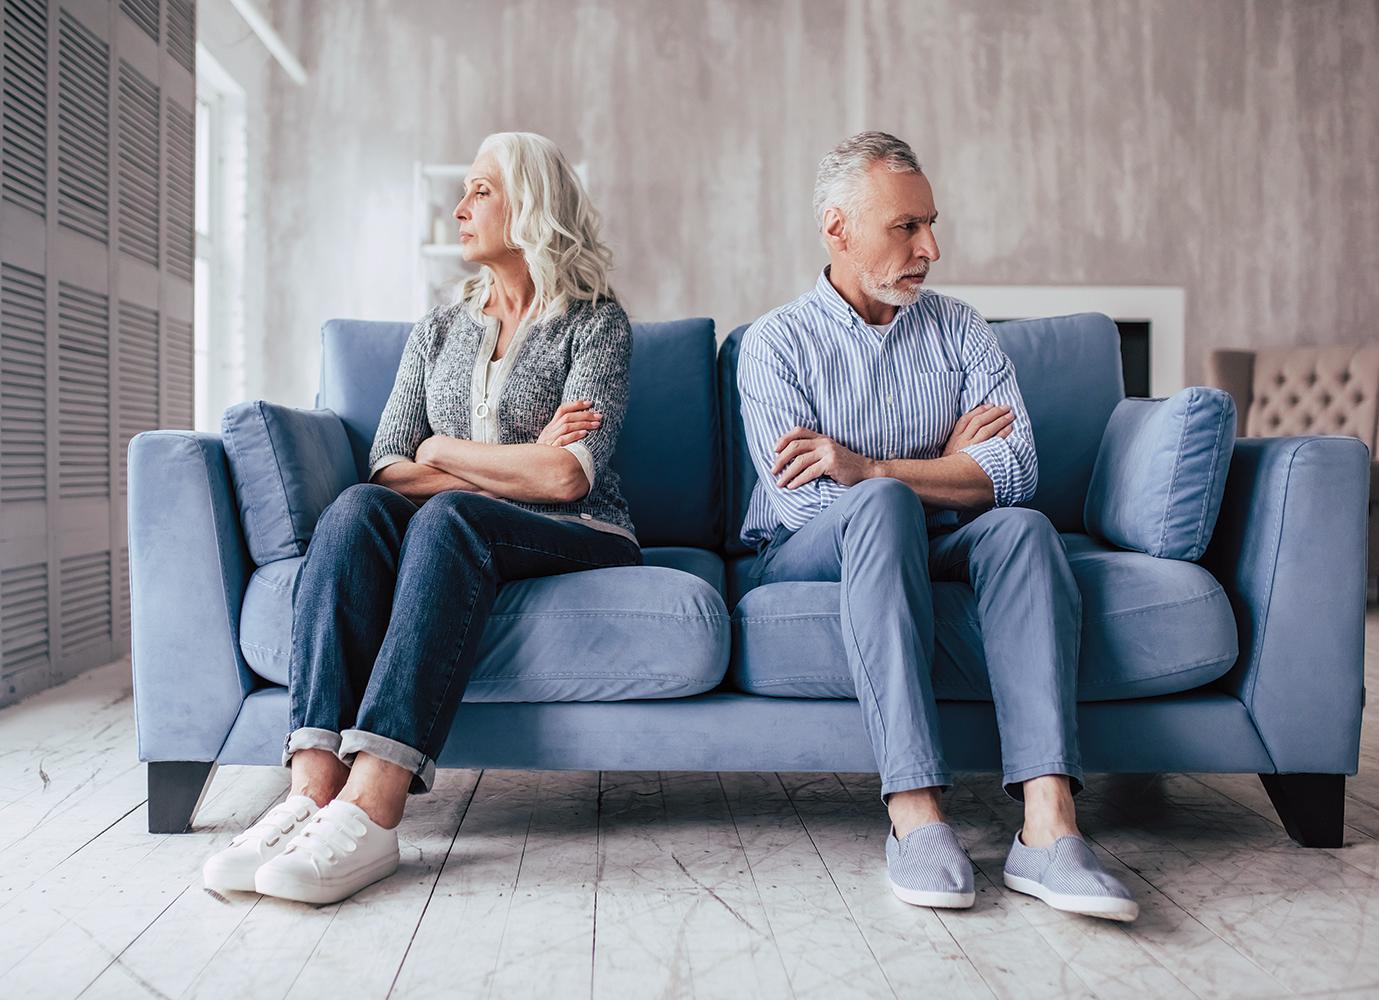 لایحه حاوی اعتراضات فرجامی در نمونه لایحه فرجام خواهی طلاق از طرف زوجه چه مواردی است؟